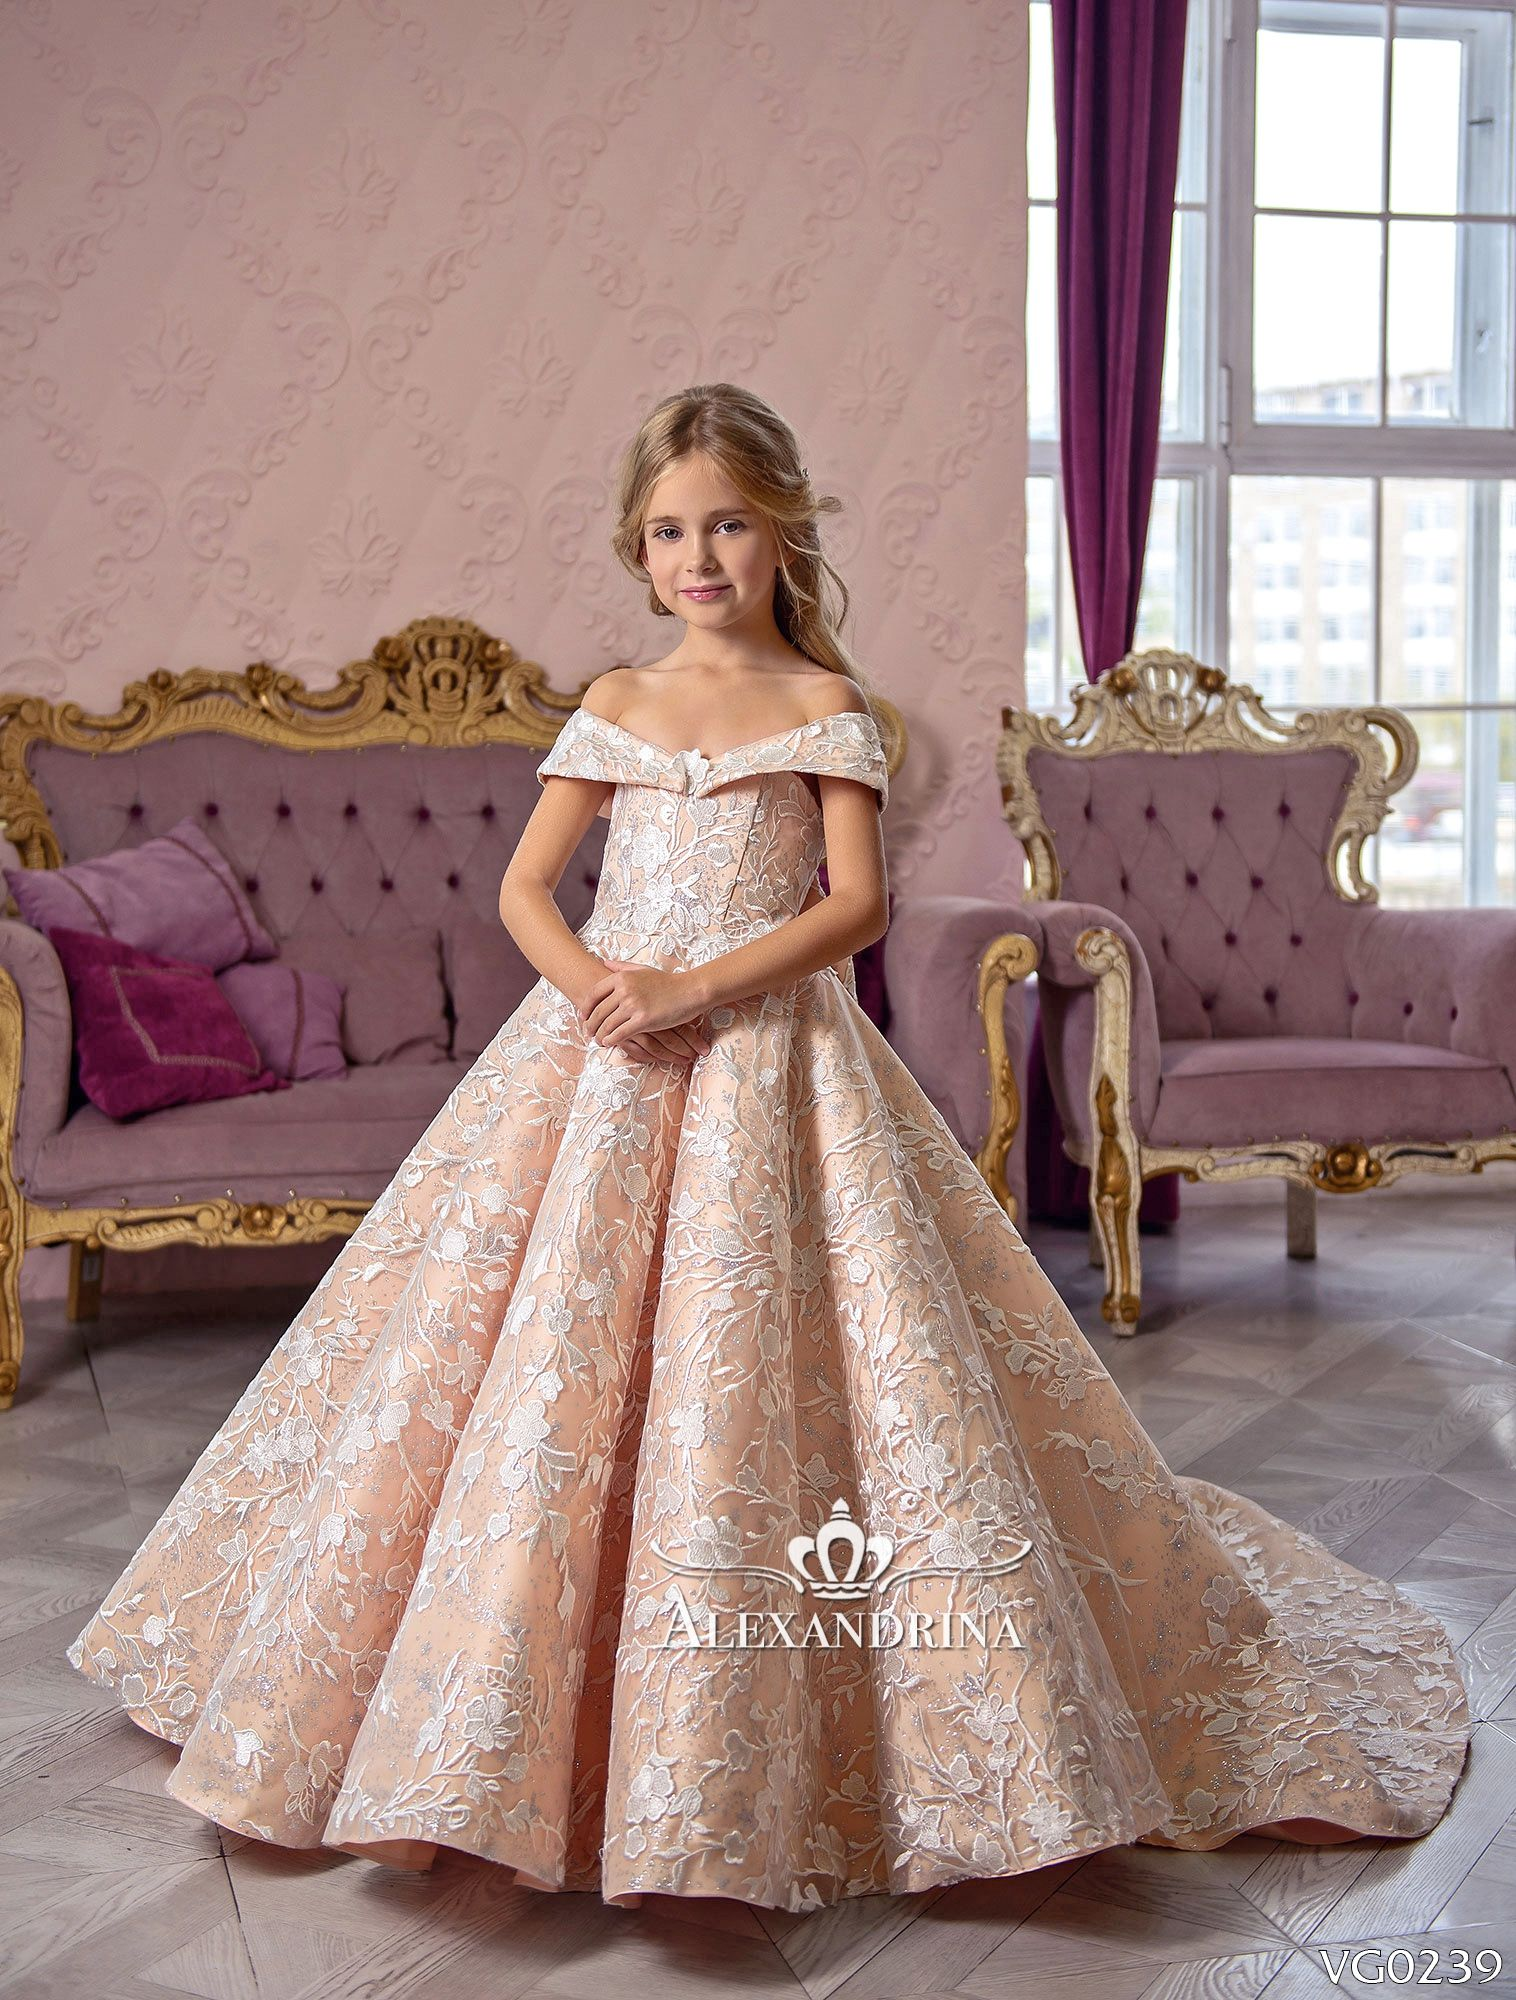 Flower Girl Dress Vg0239 Little Lady Online Store Alexandrina Birthday Girl Dress Wedding Dresses For Kids Little Girl Gowns